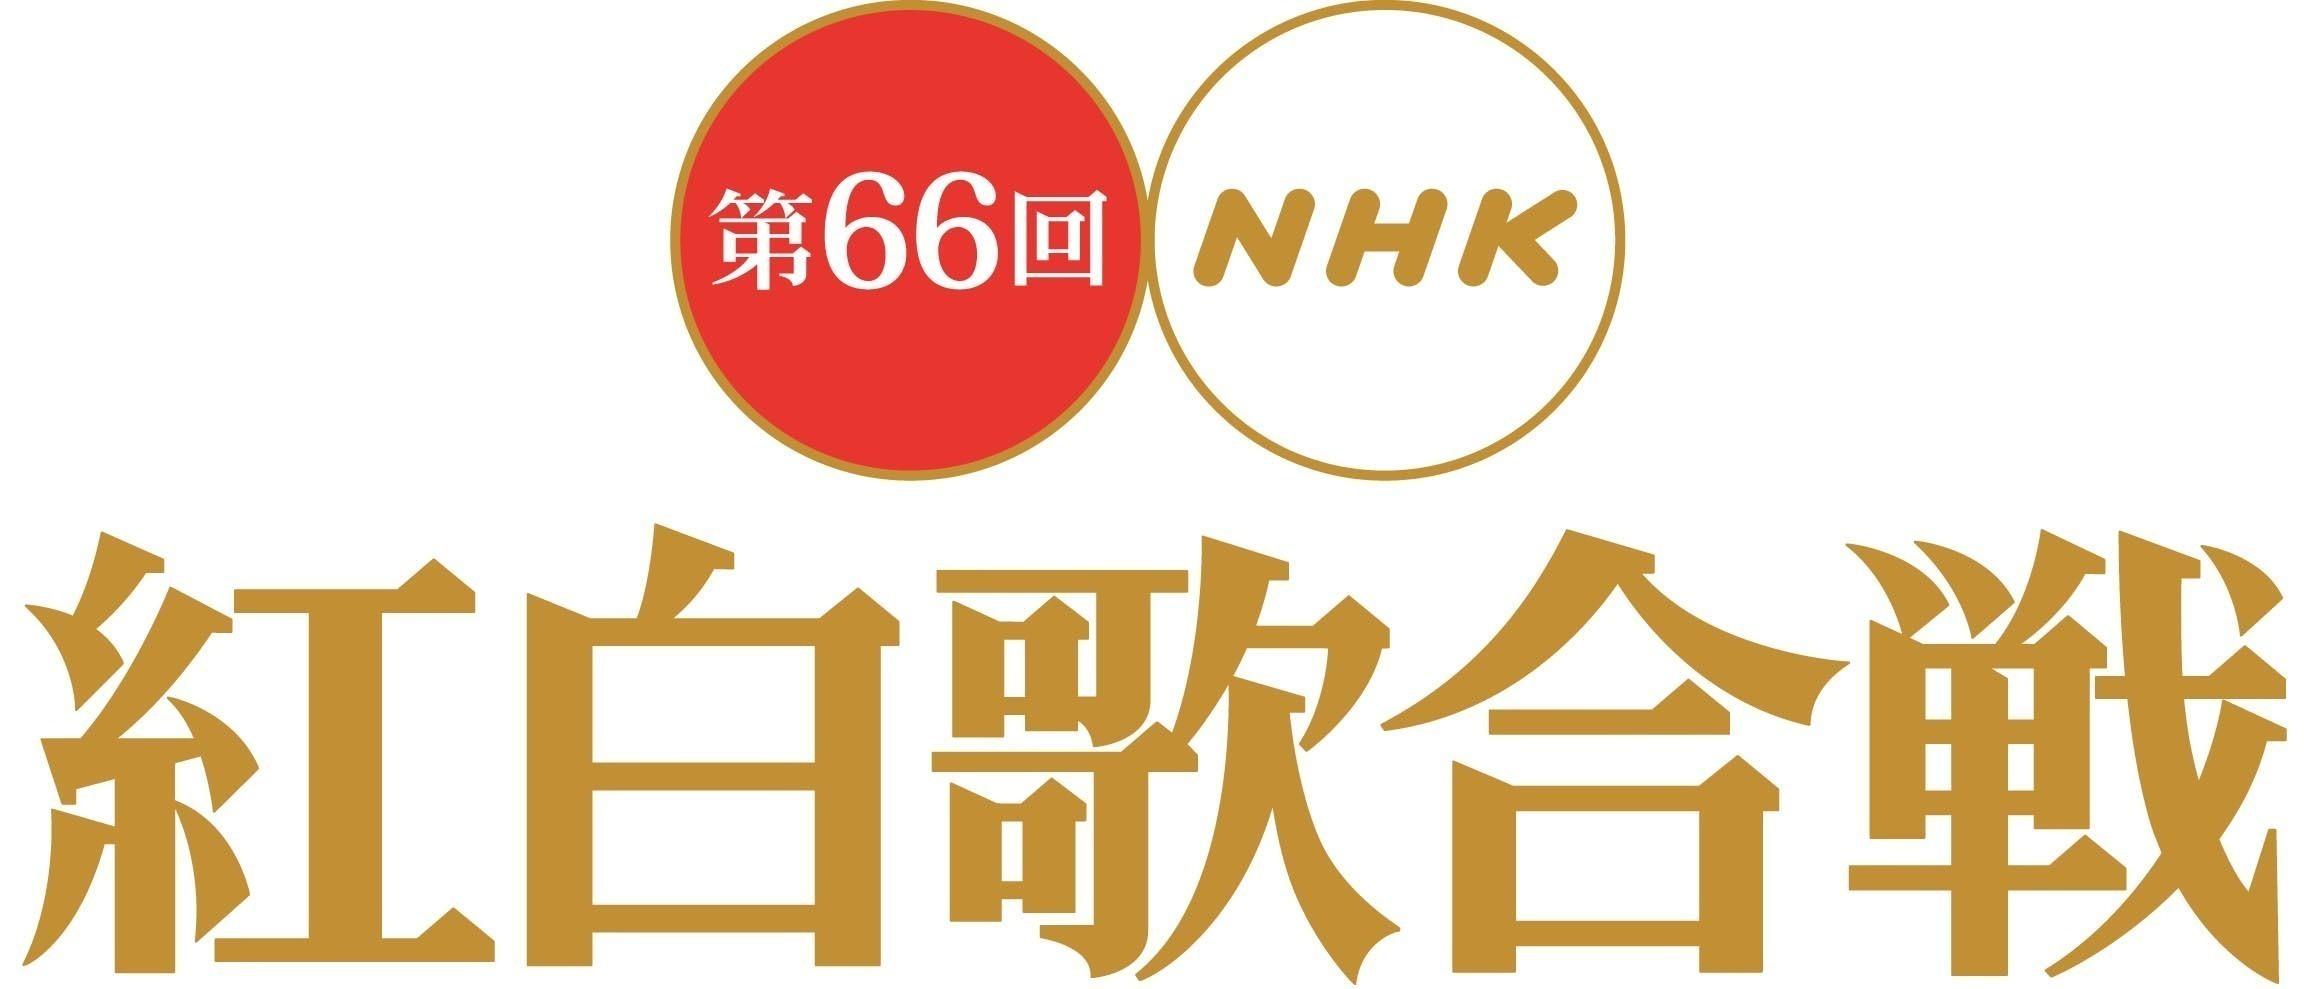 第66回NHK紅白歌合戦』出演順決定! 詳細はこちら! (2015/12/24) 邦楽 ...